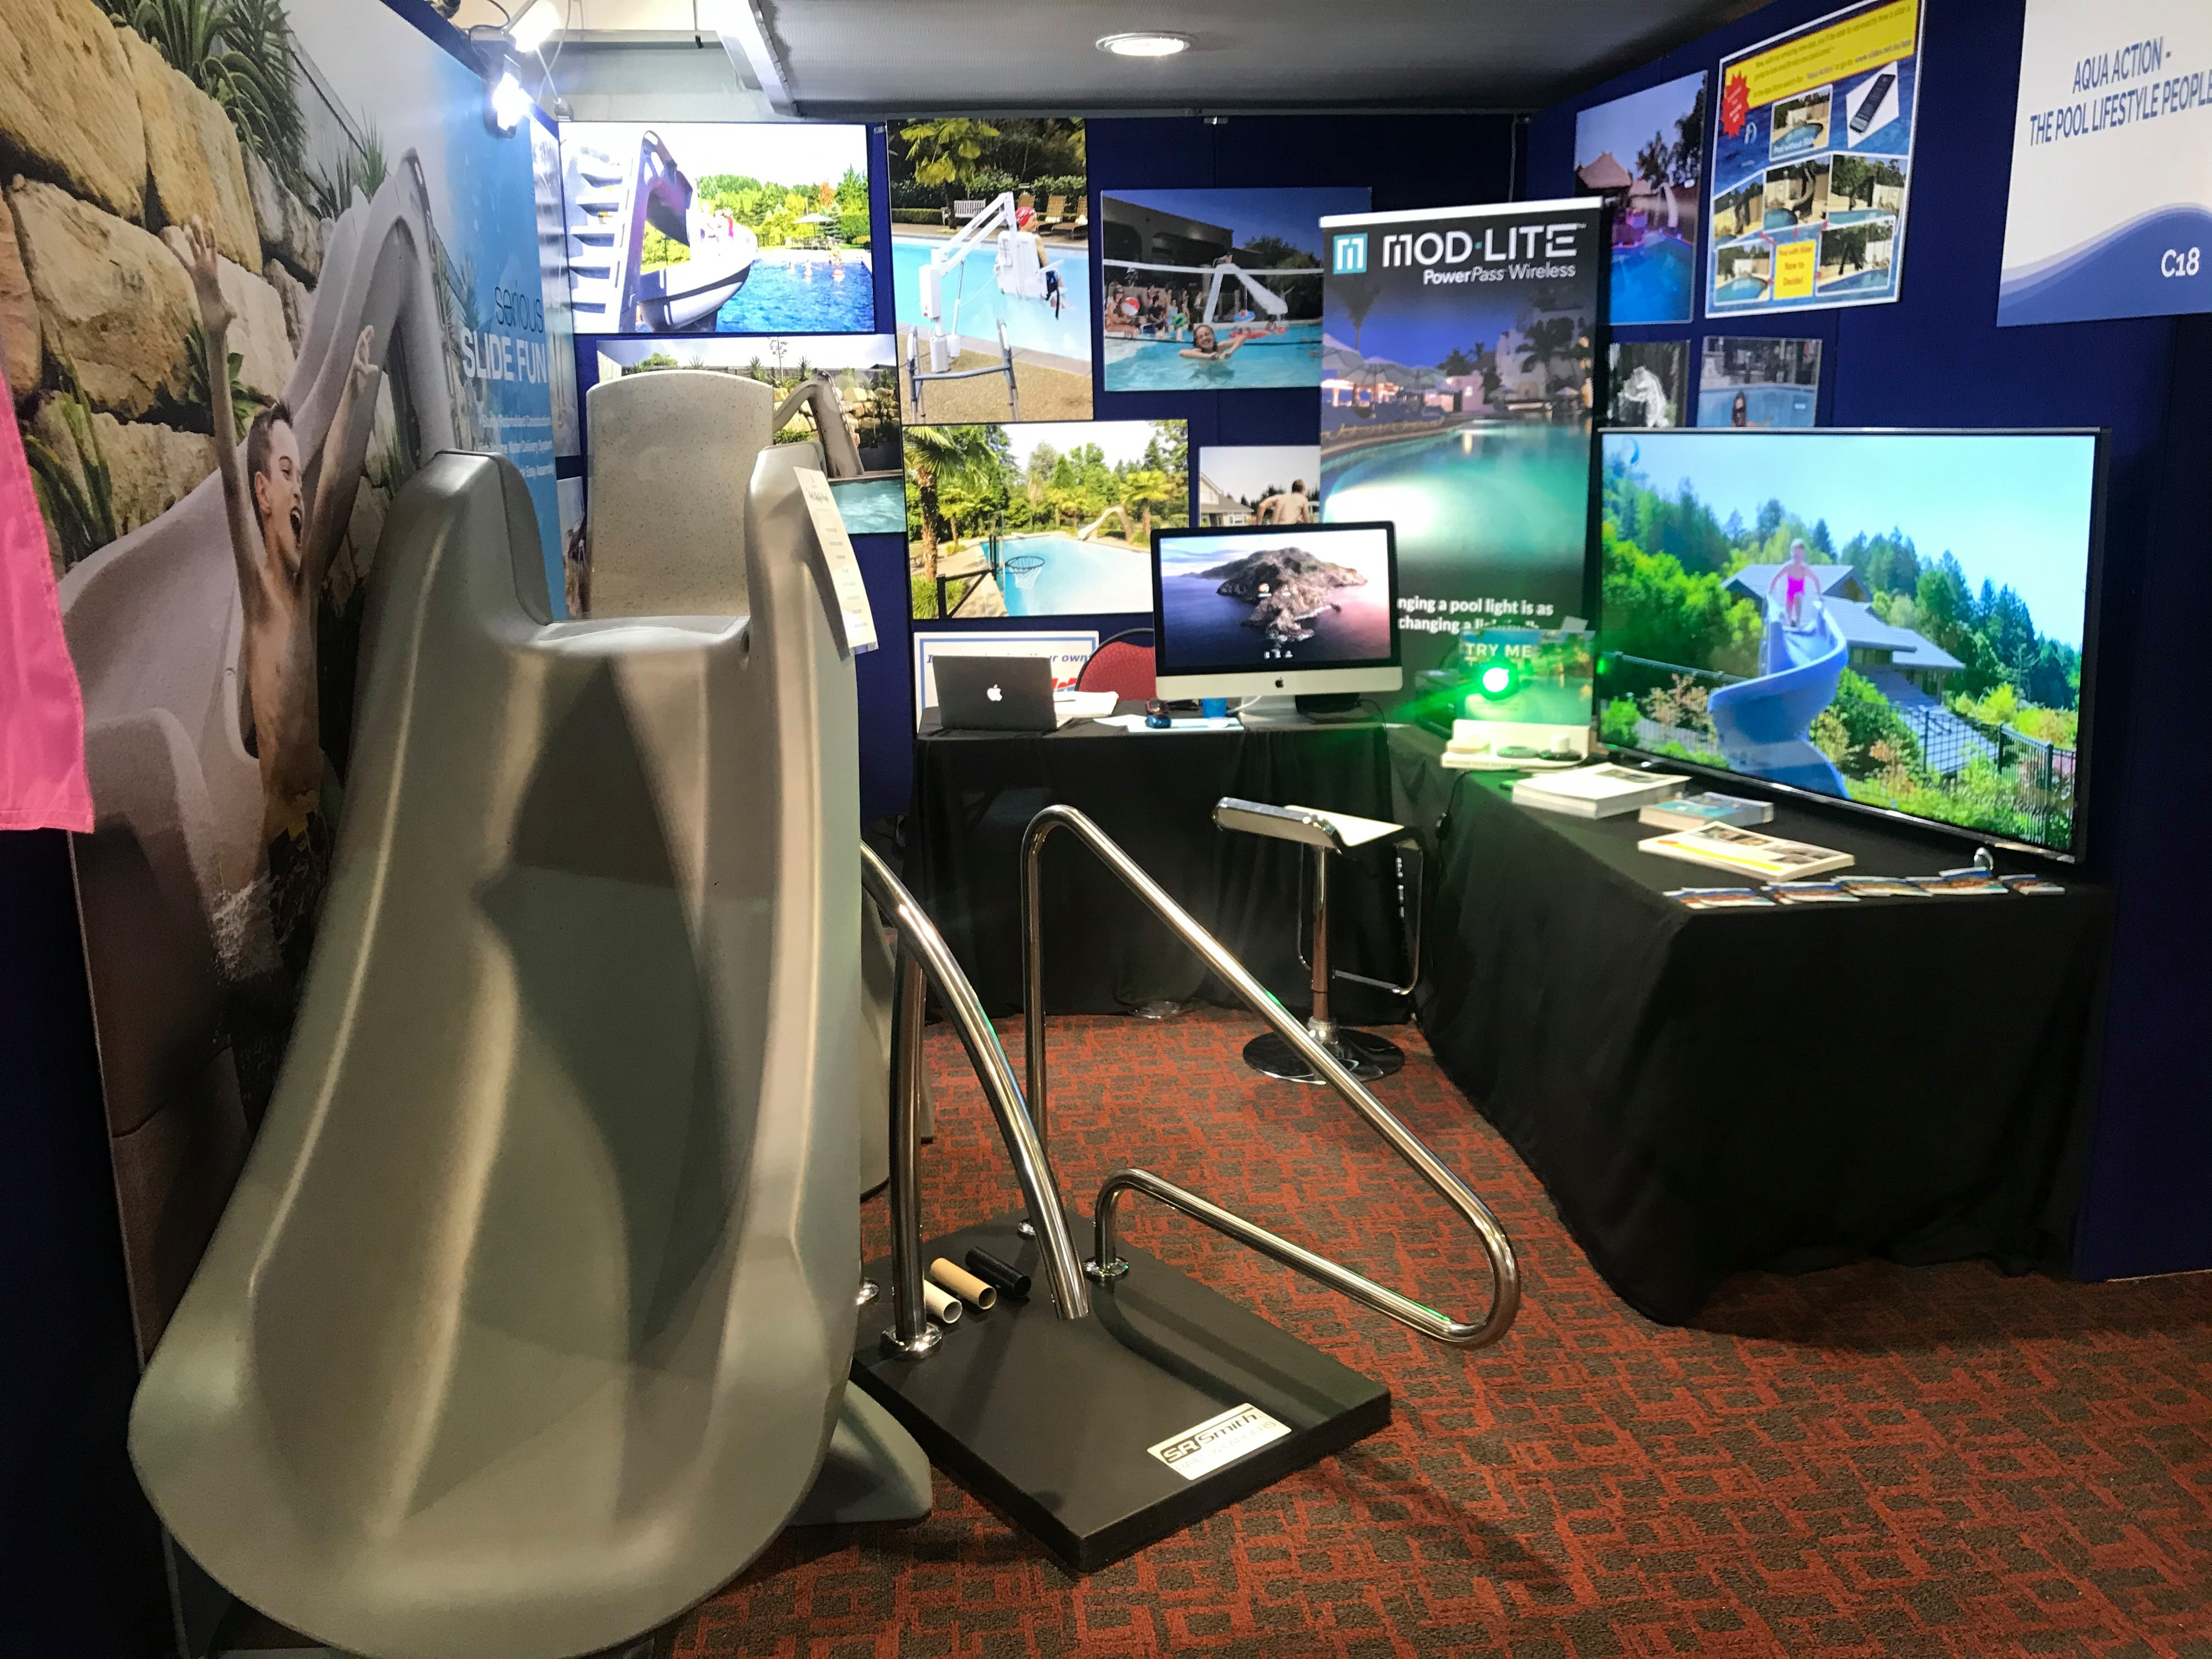 aqua-action-slides-setup-pool-expo